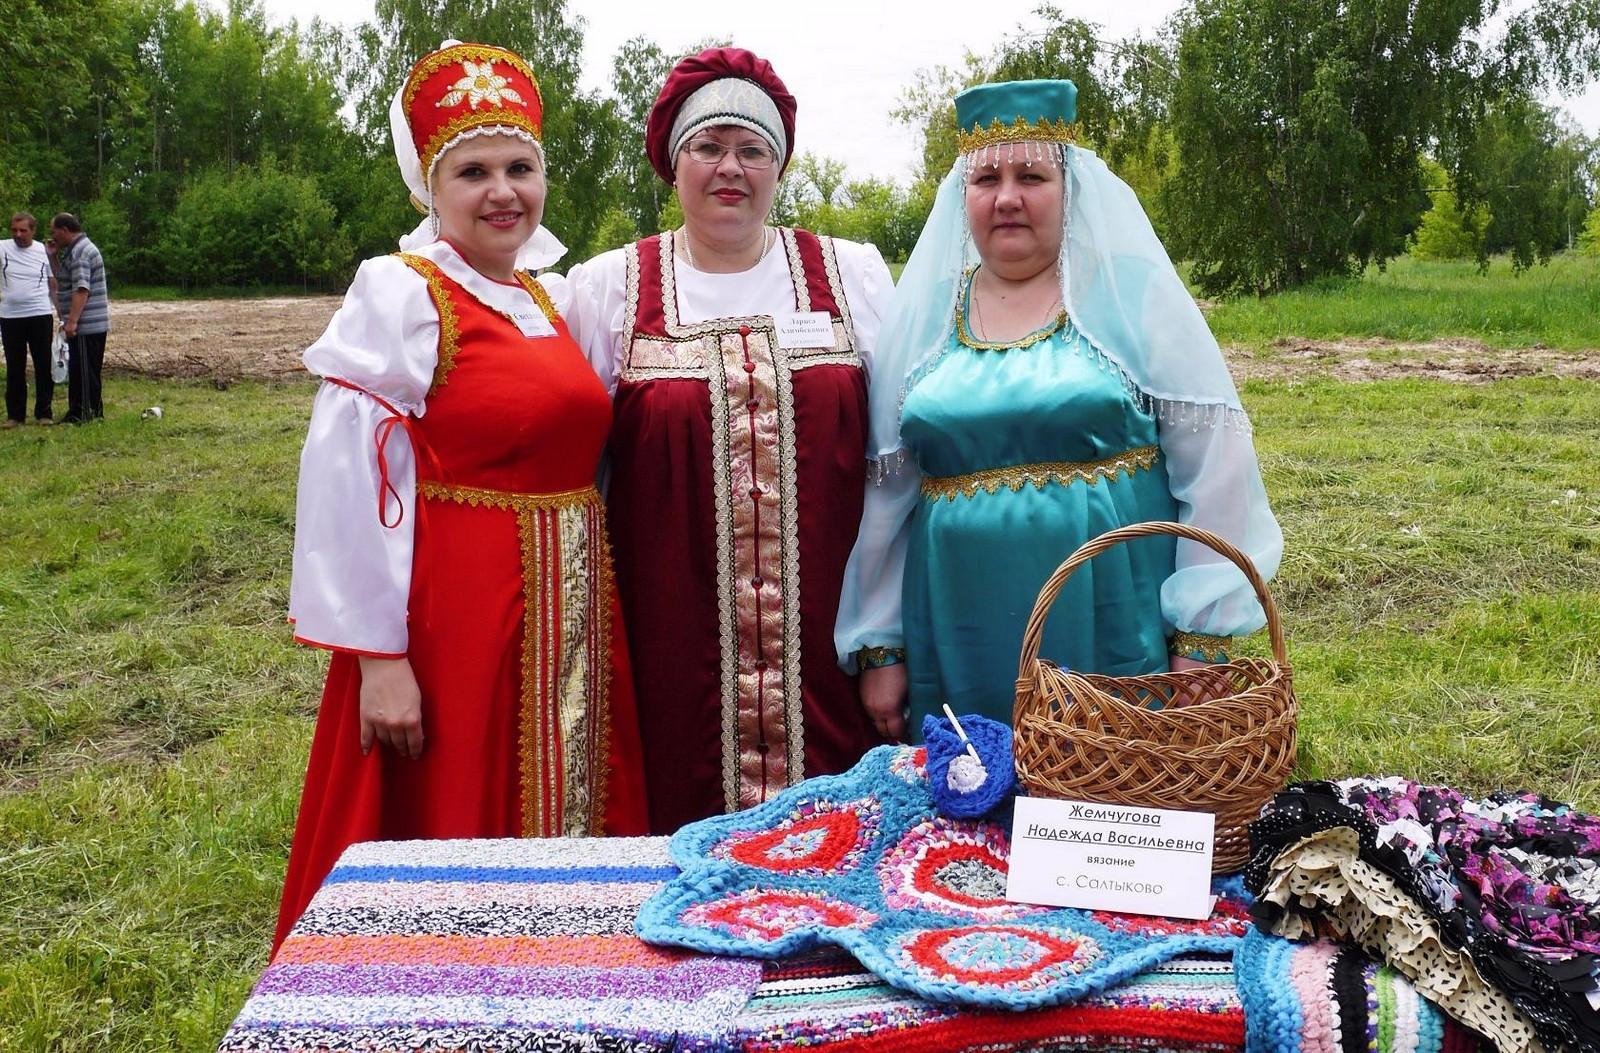 Sabantuy-2016-yarmarka-umel'tsev-588-Bastanovo